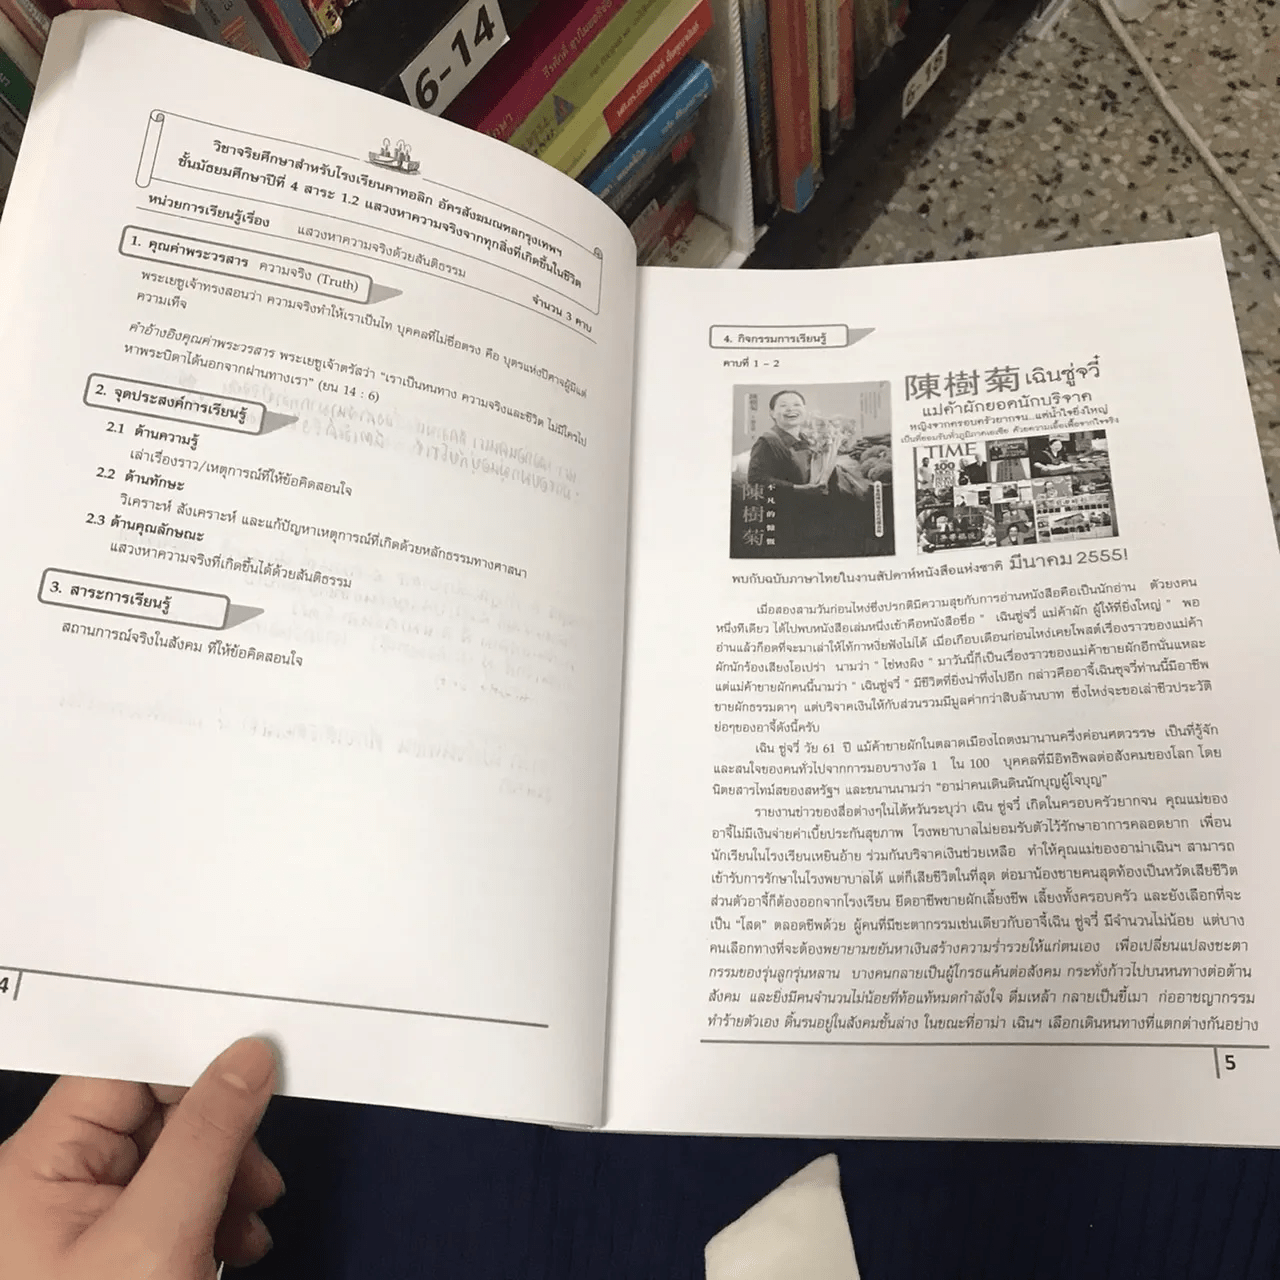 สมุดจริยศึกษา สำหรับนักเรียน ชั้นมัธยมศึกษาปีที่ 4